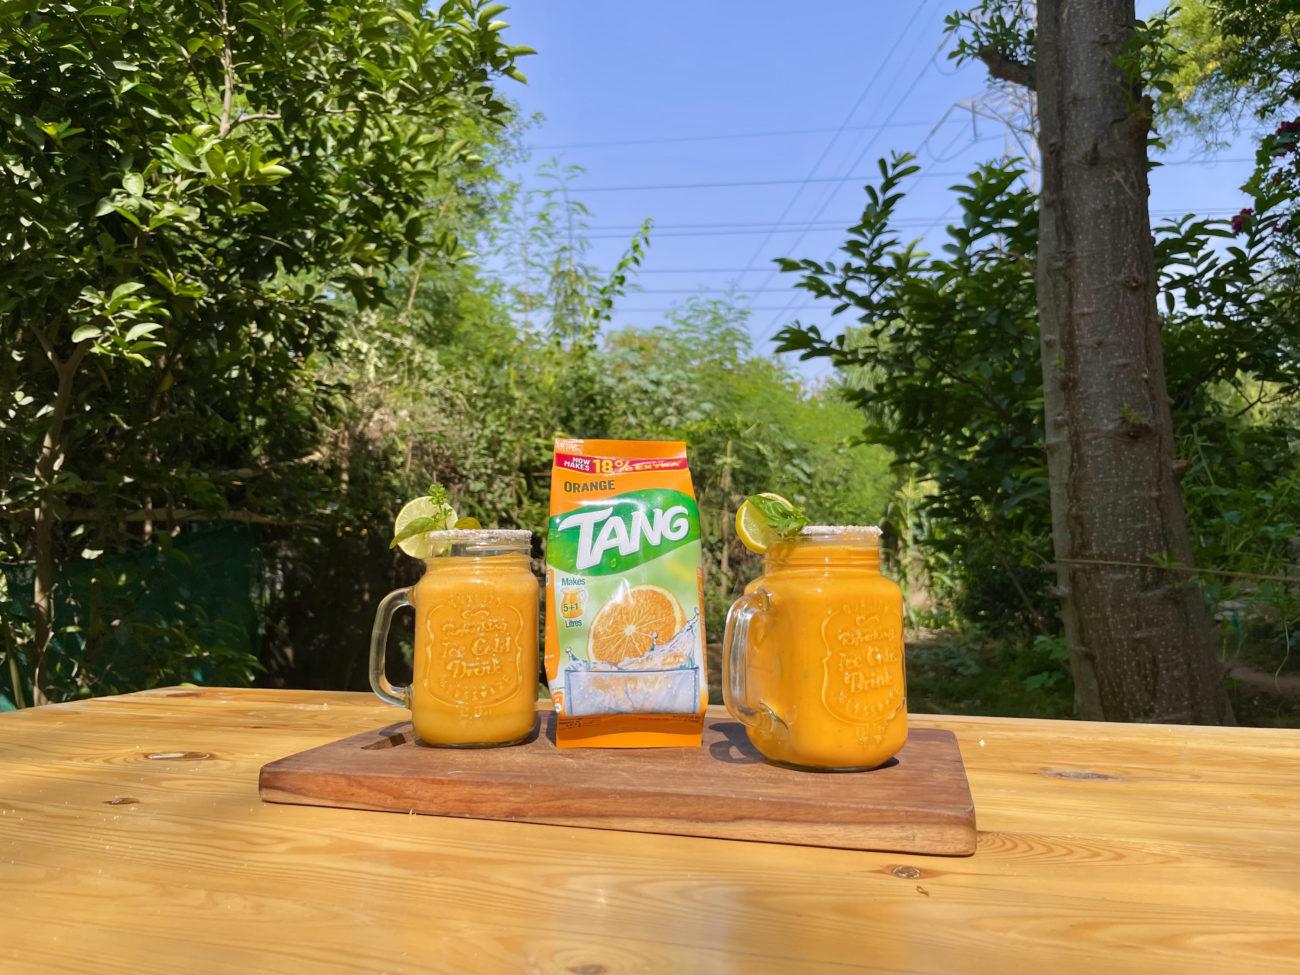 The Tang Orange Papaya Cooler